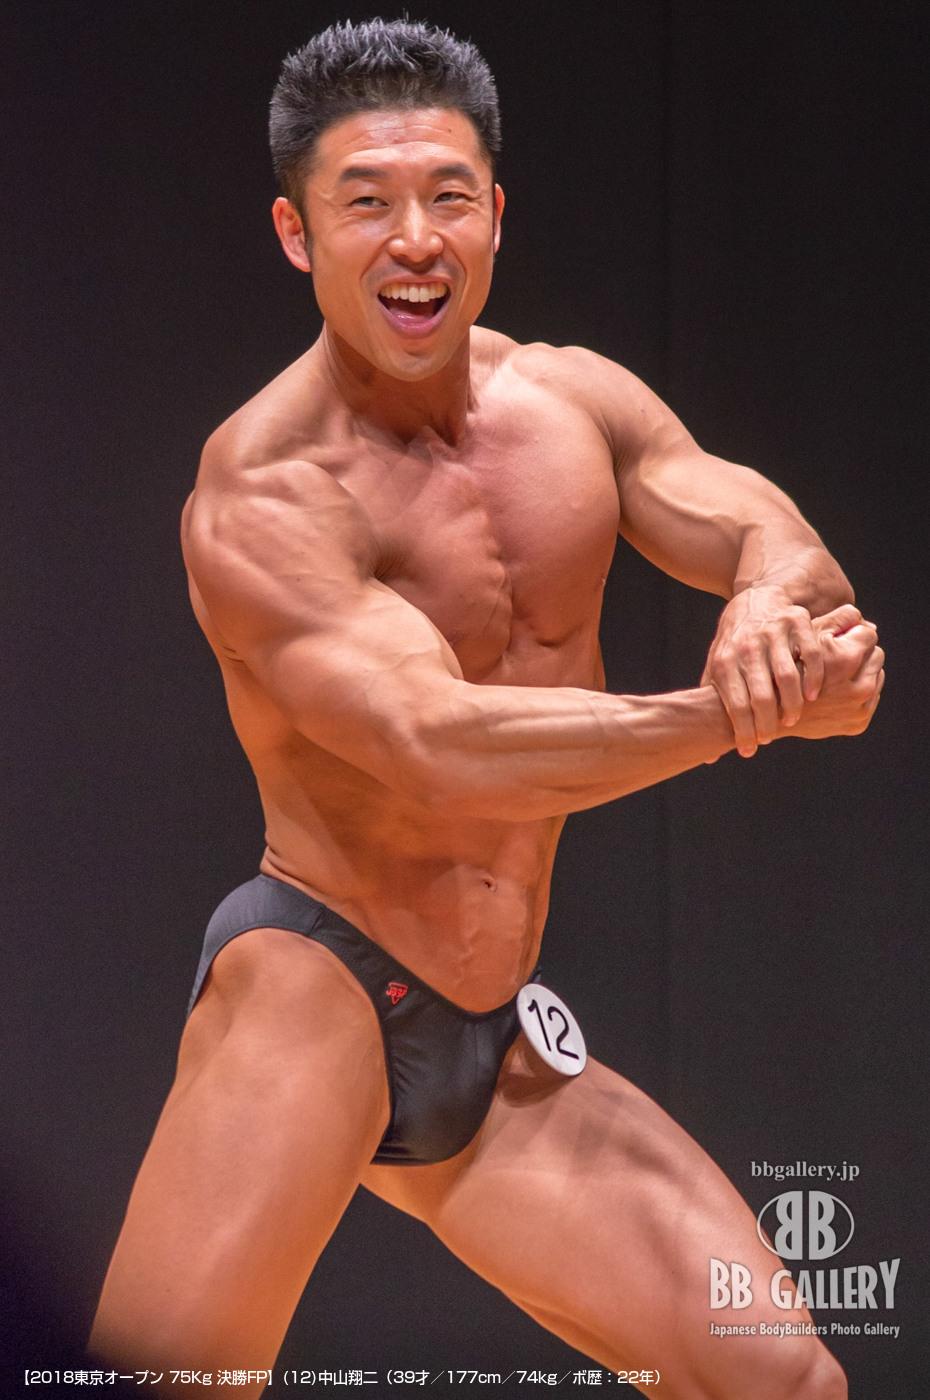 【2018東京オープン 75Kg 決勝FP】(12)中山翔二(39才/177cm/74kg/ボ歴:22年)